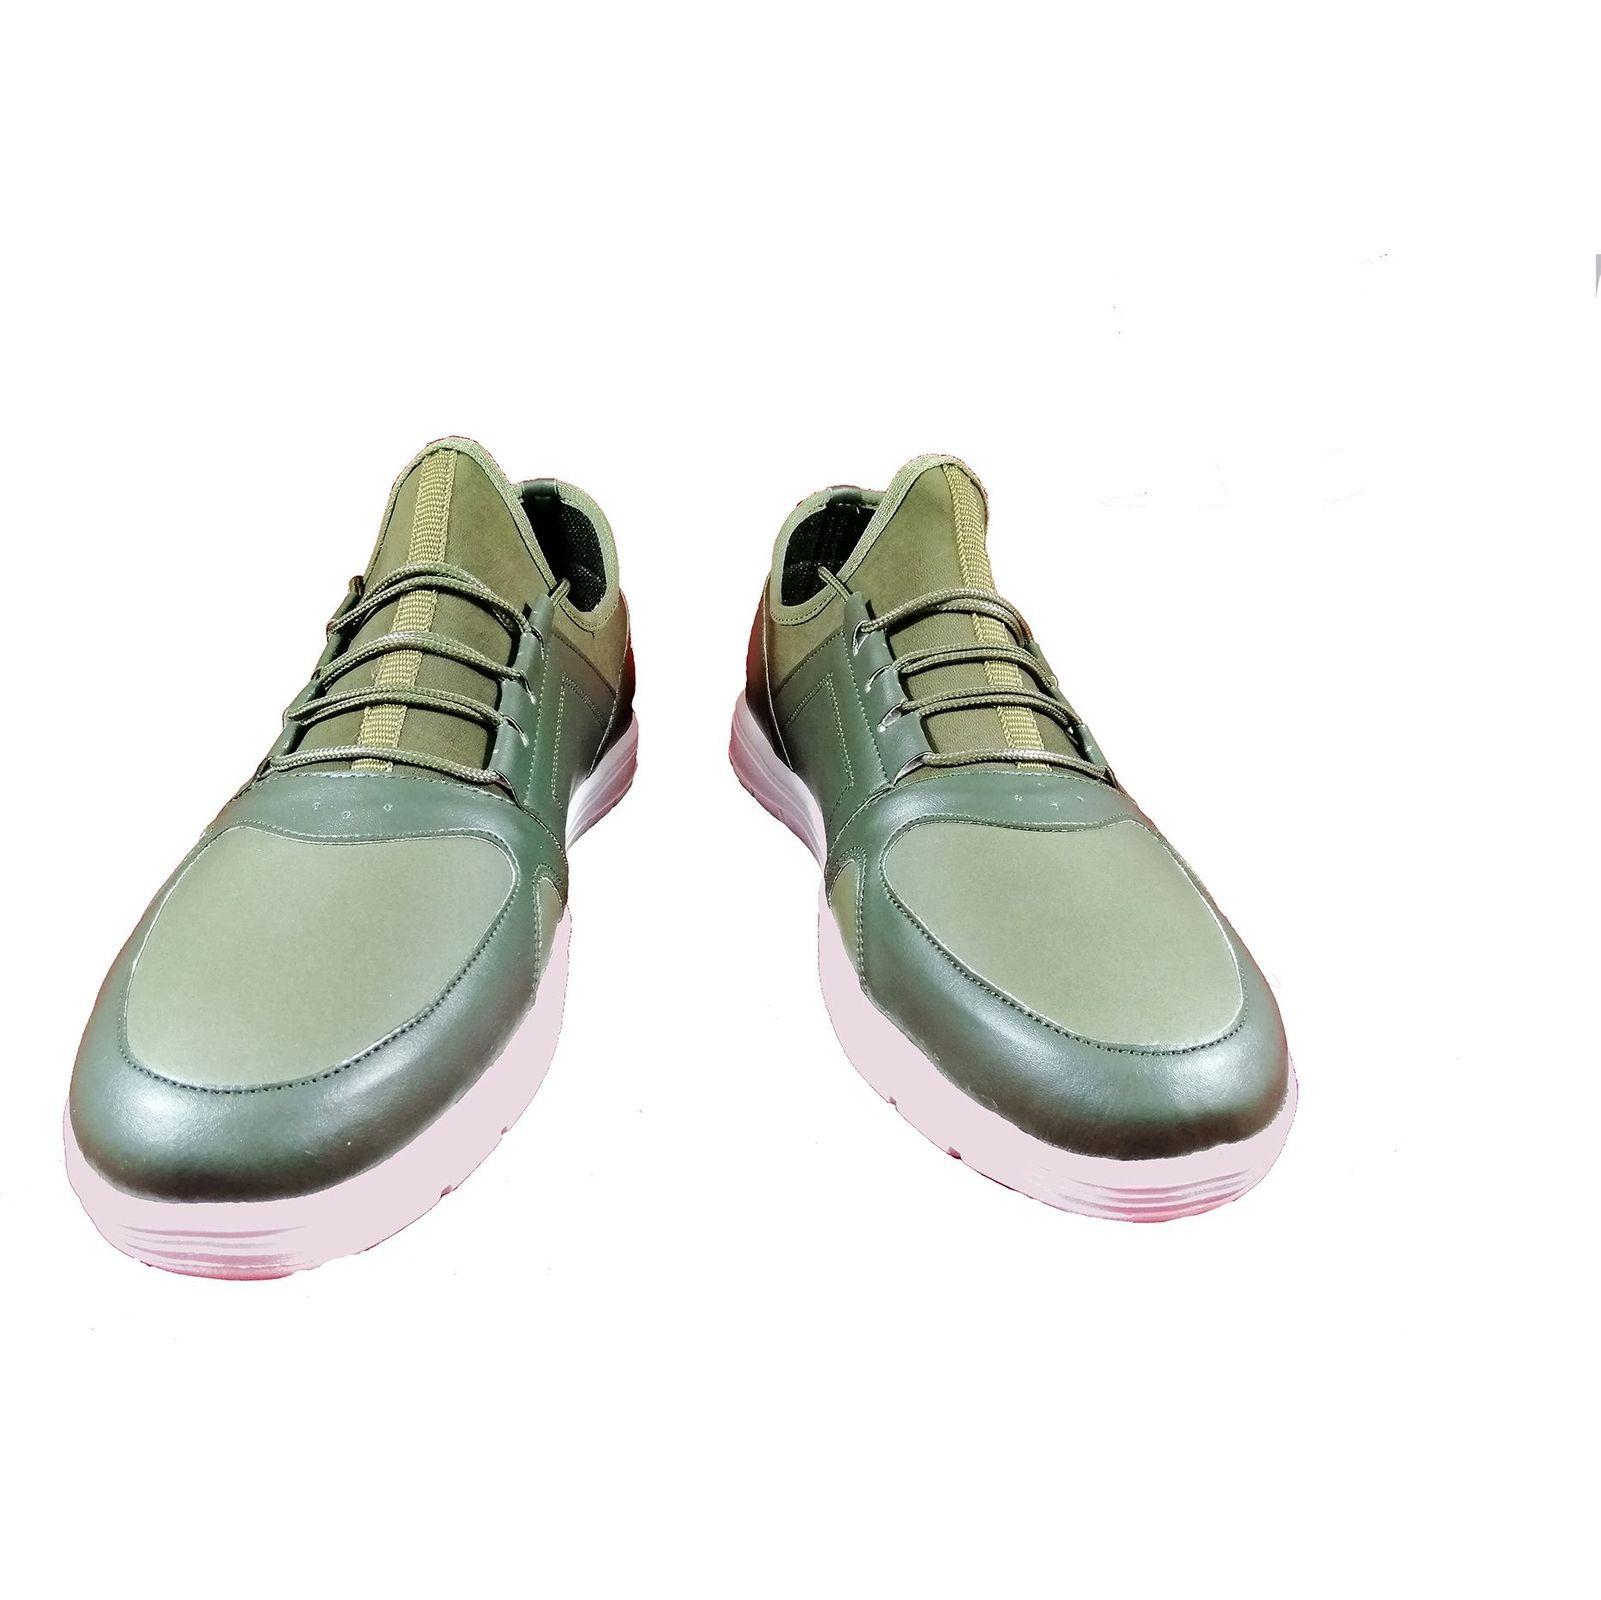 کفش راحتی مردانه کاربین مدل k.k.006